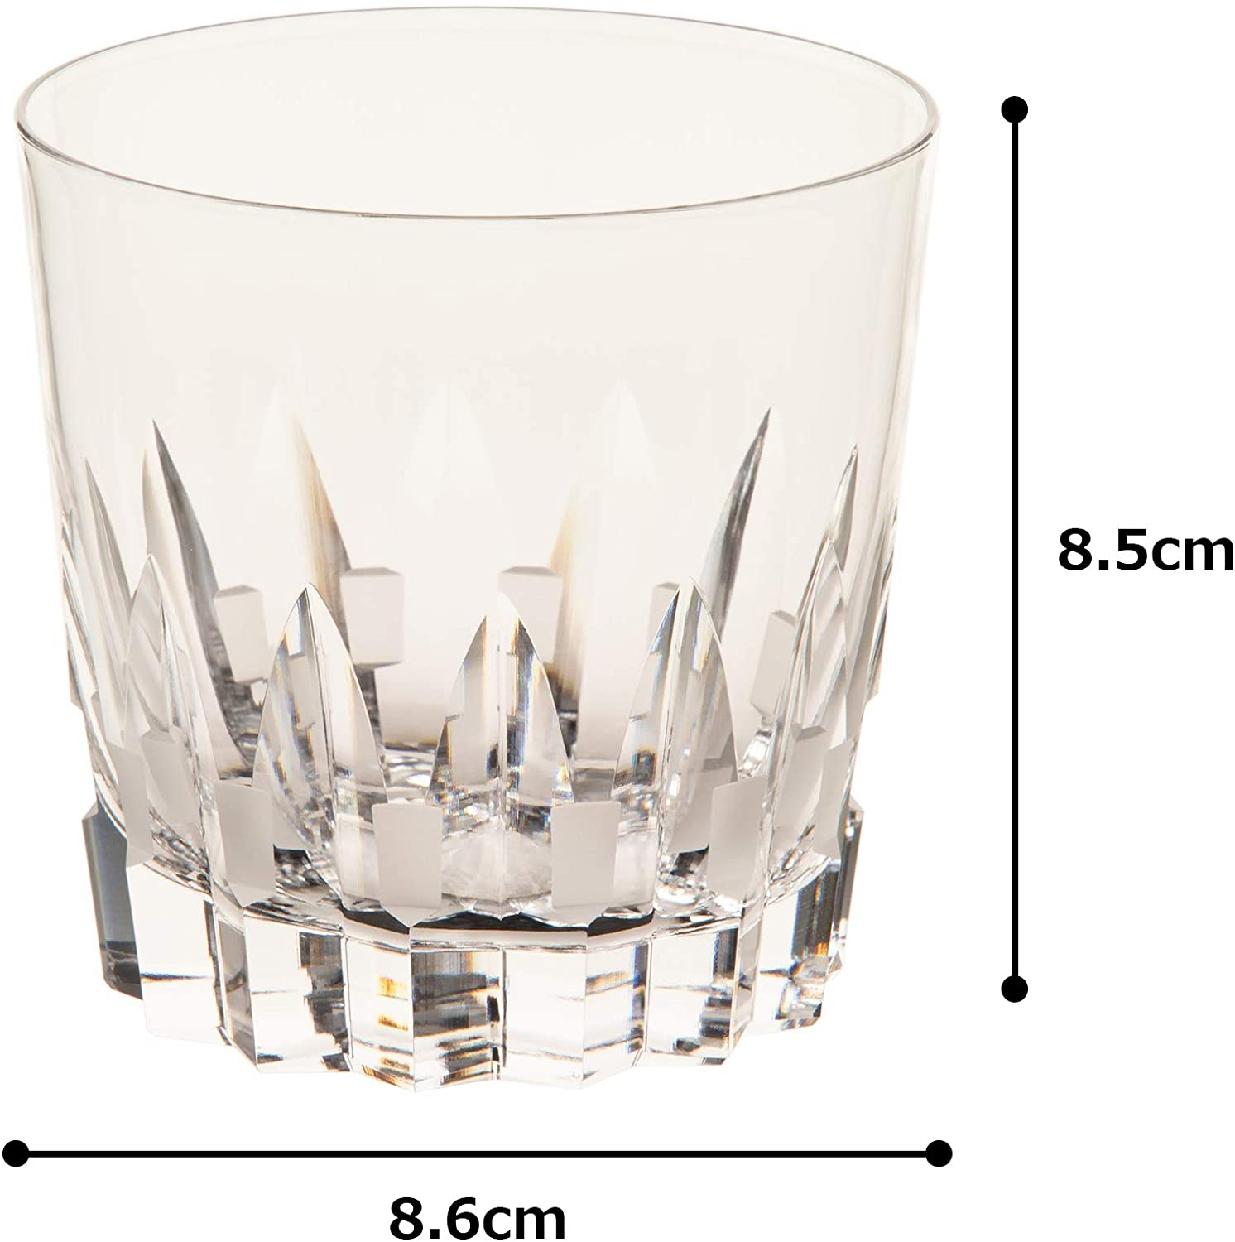 カガミクリスタル ロックグラス<校倉>270㏄ T394-312の商品画像6